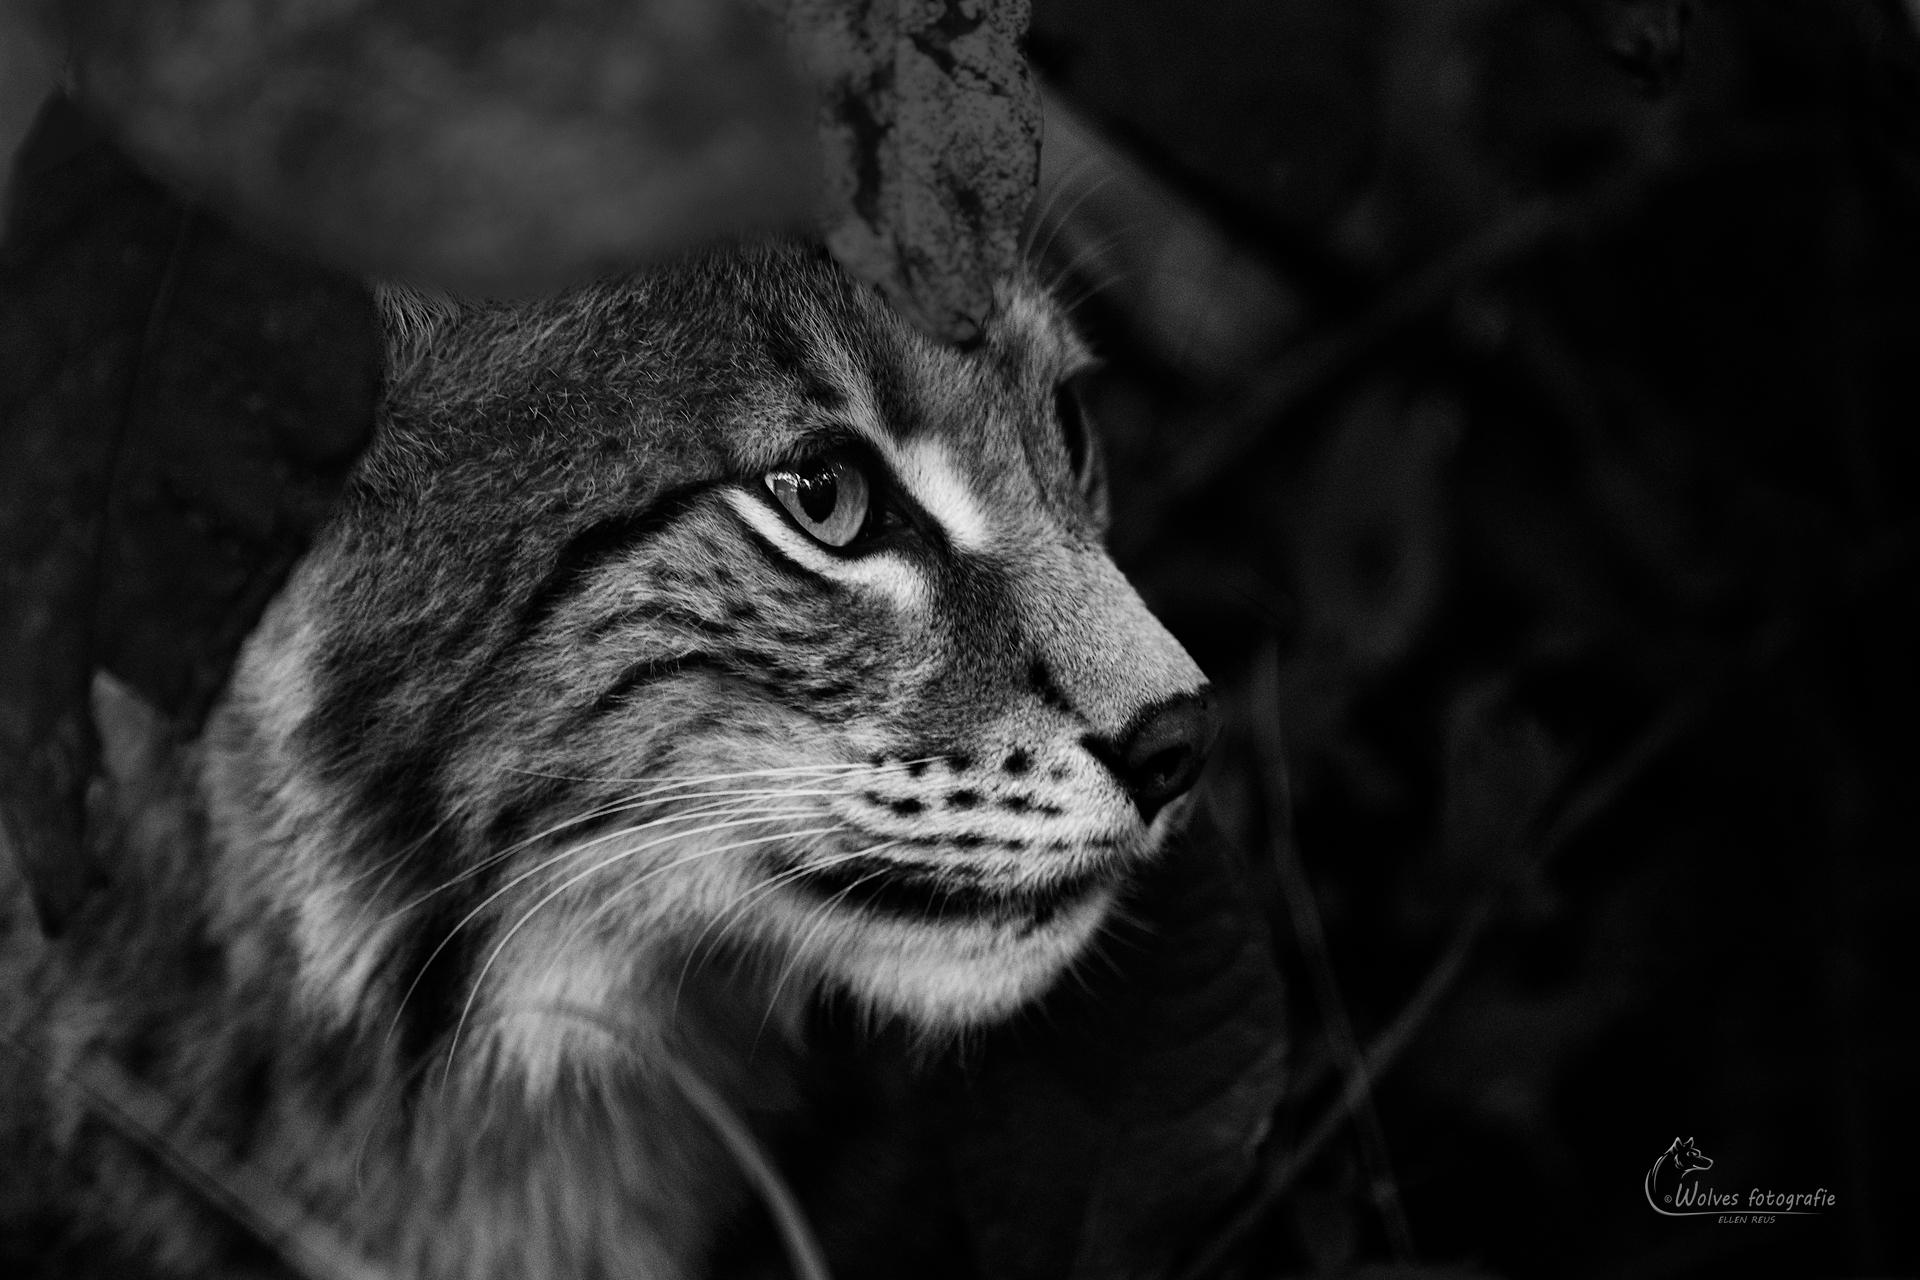 Verscholen in de bosjes - Euraziatische lynx - Lynx Lynx - Dierfotografie - Door: Ellen Reus - Wolves fotografie